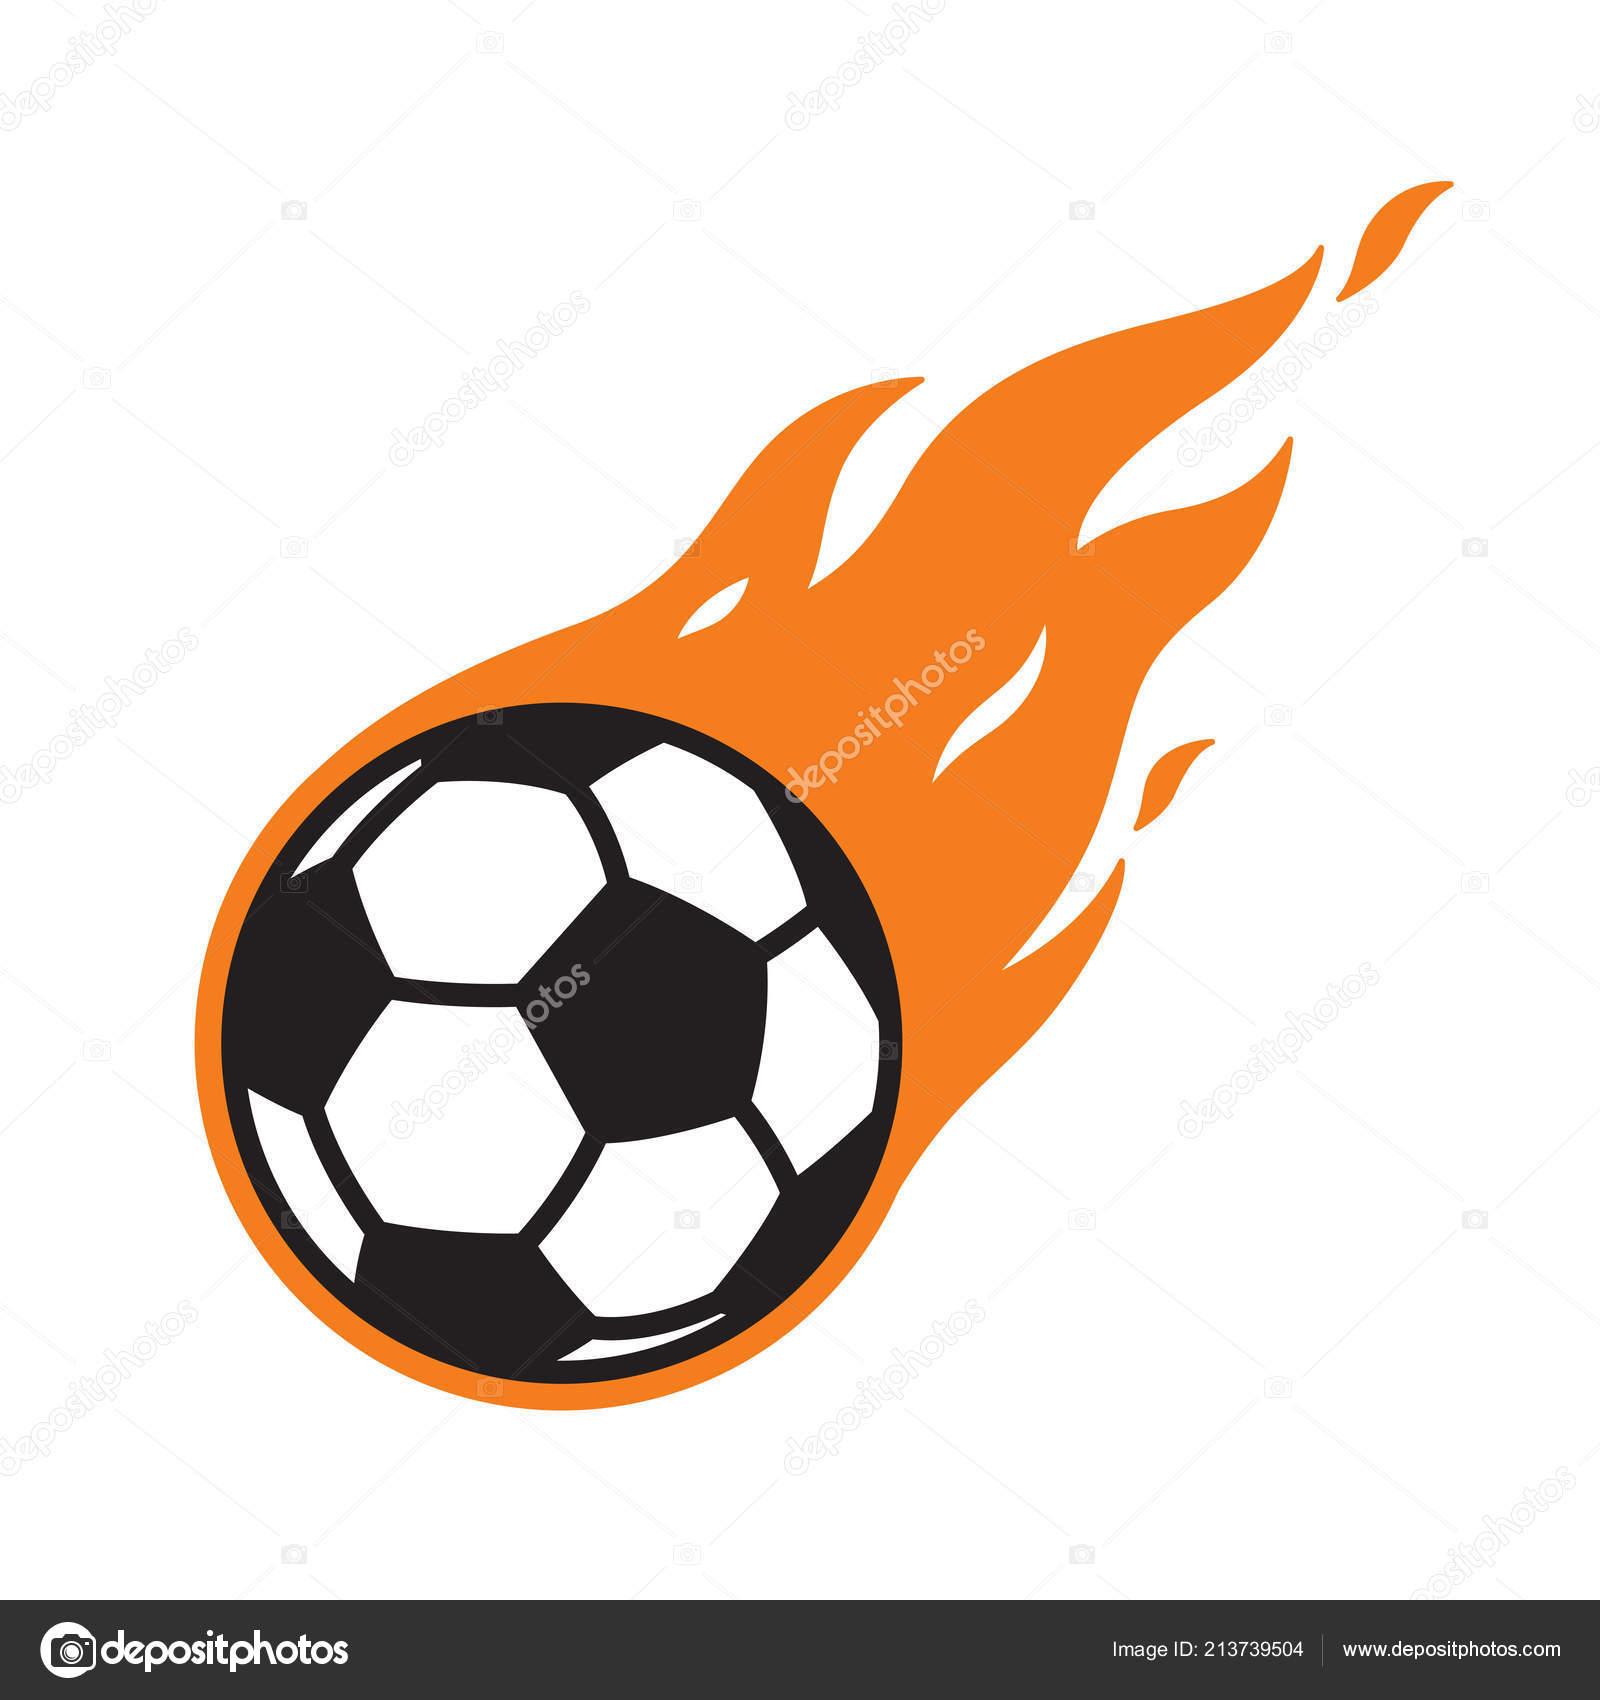 Soccer Ball Vector Logo Icon Football Fire Symbol Illustration Cartoon Stock Vector C Cnuisin 213739504